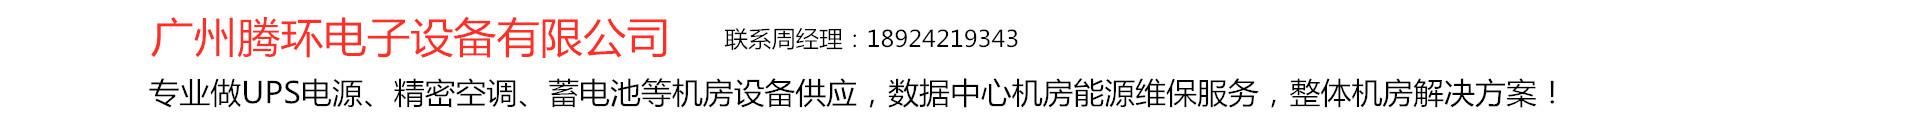 廣州騰環電子設備有限公司